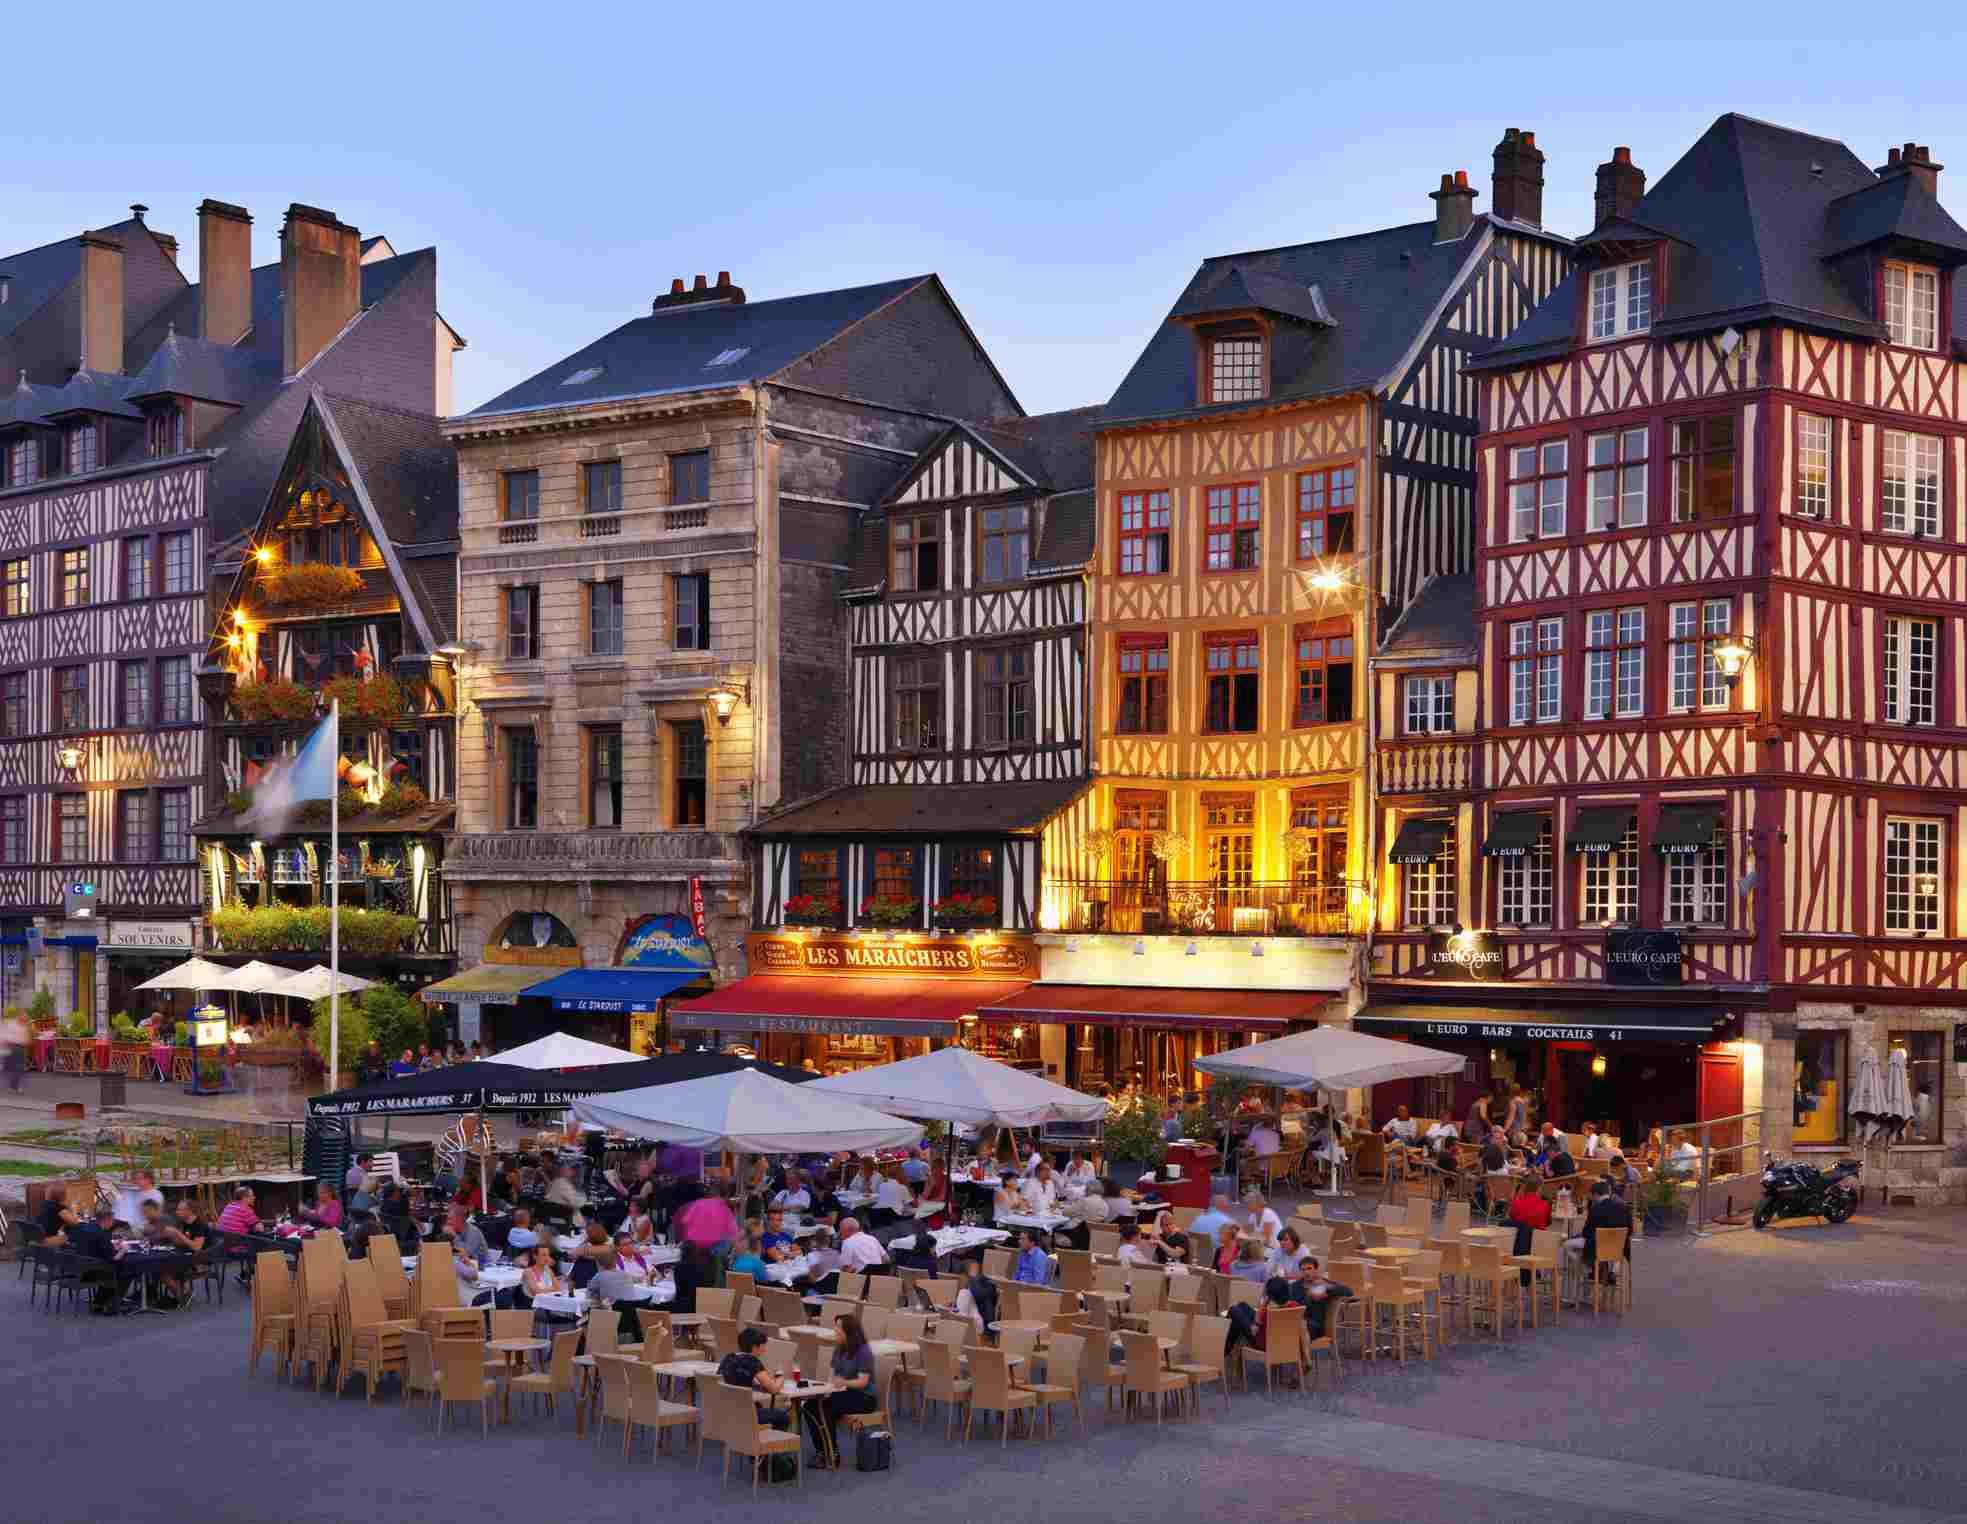 France, Normandy, Seine-Maritime, Rouen, Place du Vieux-Marche, Cafe scene at dusk